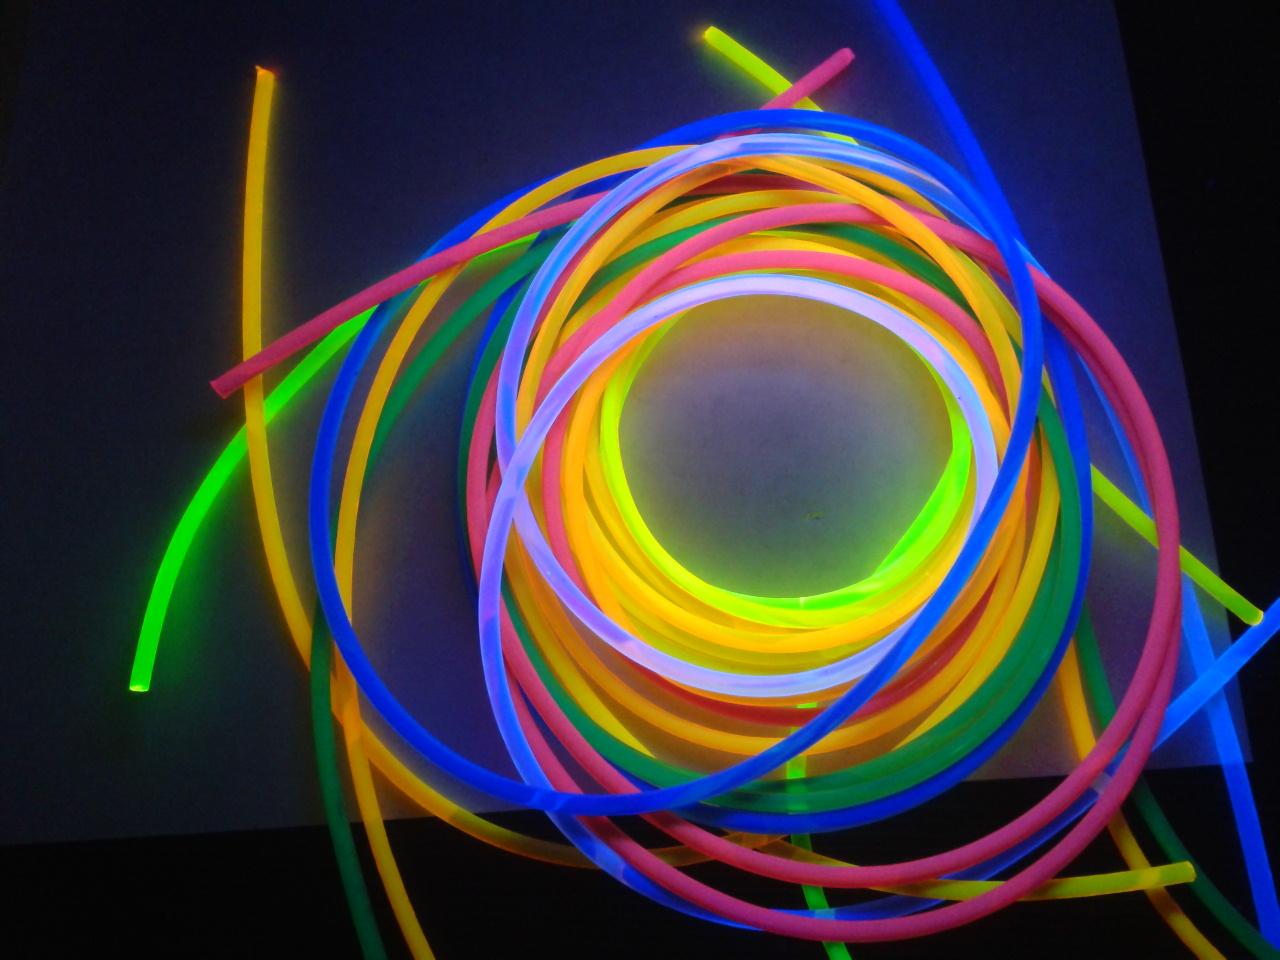 флуоресцентное оптическое волокно